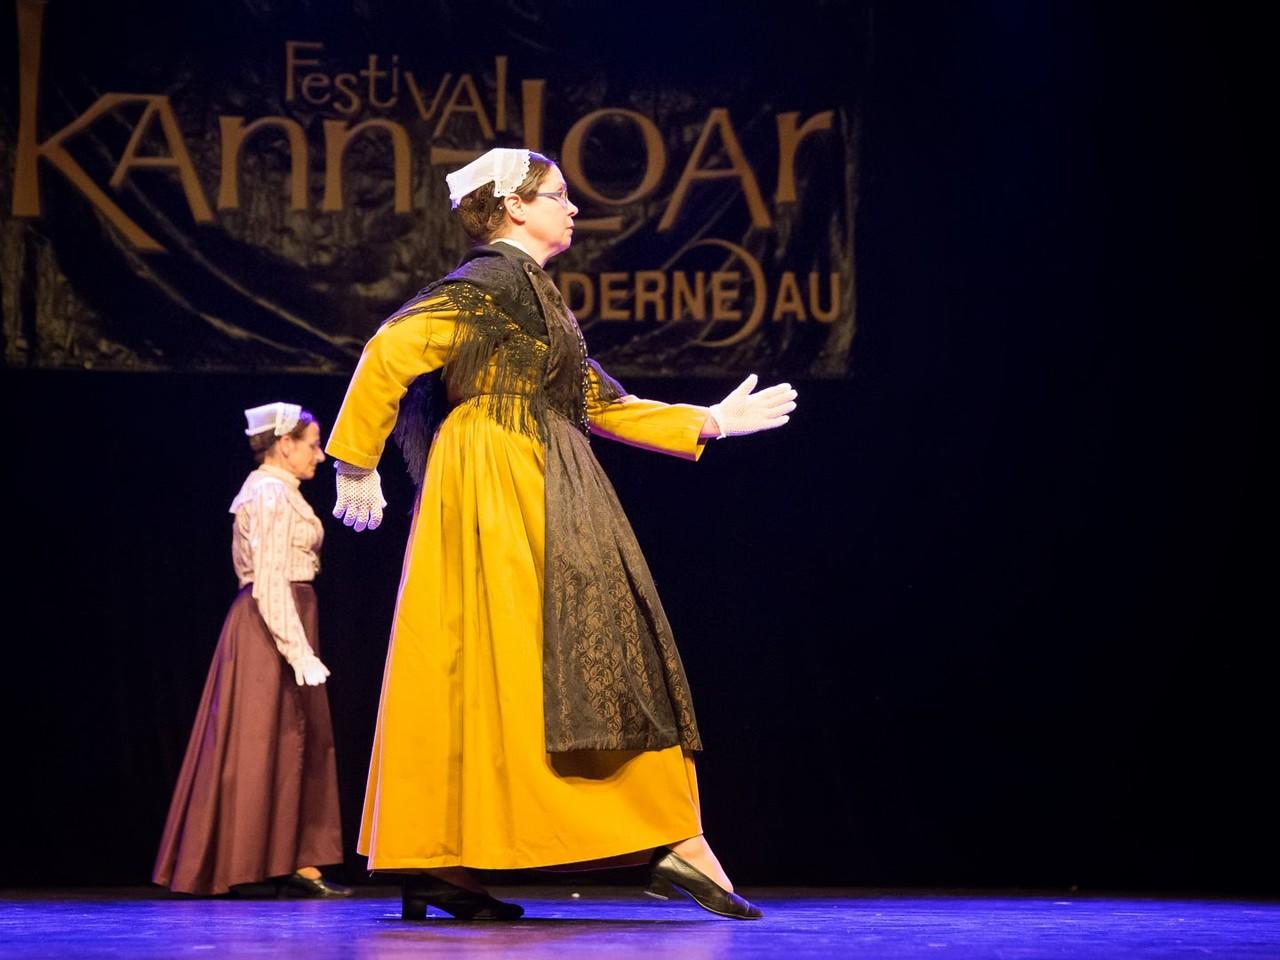 """Association revival """"Tei et Mei""""- festival Kann al Loar 2013 - Photo : Jean Le Goff"""